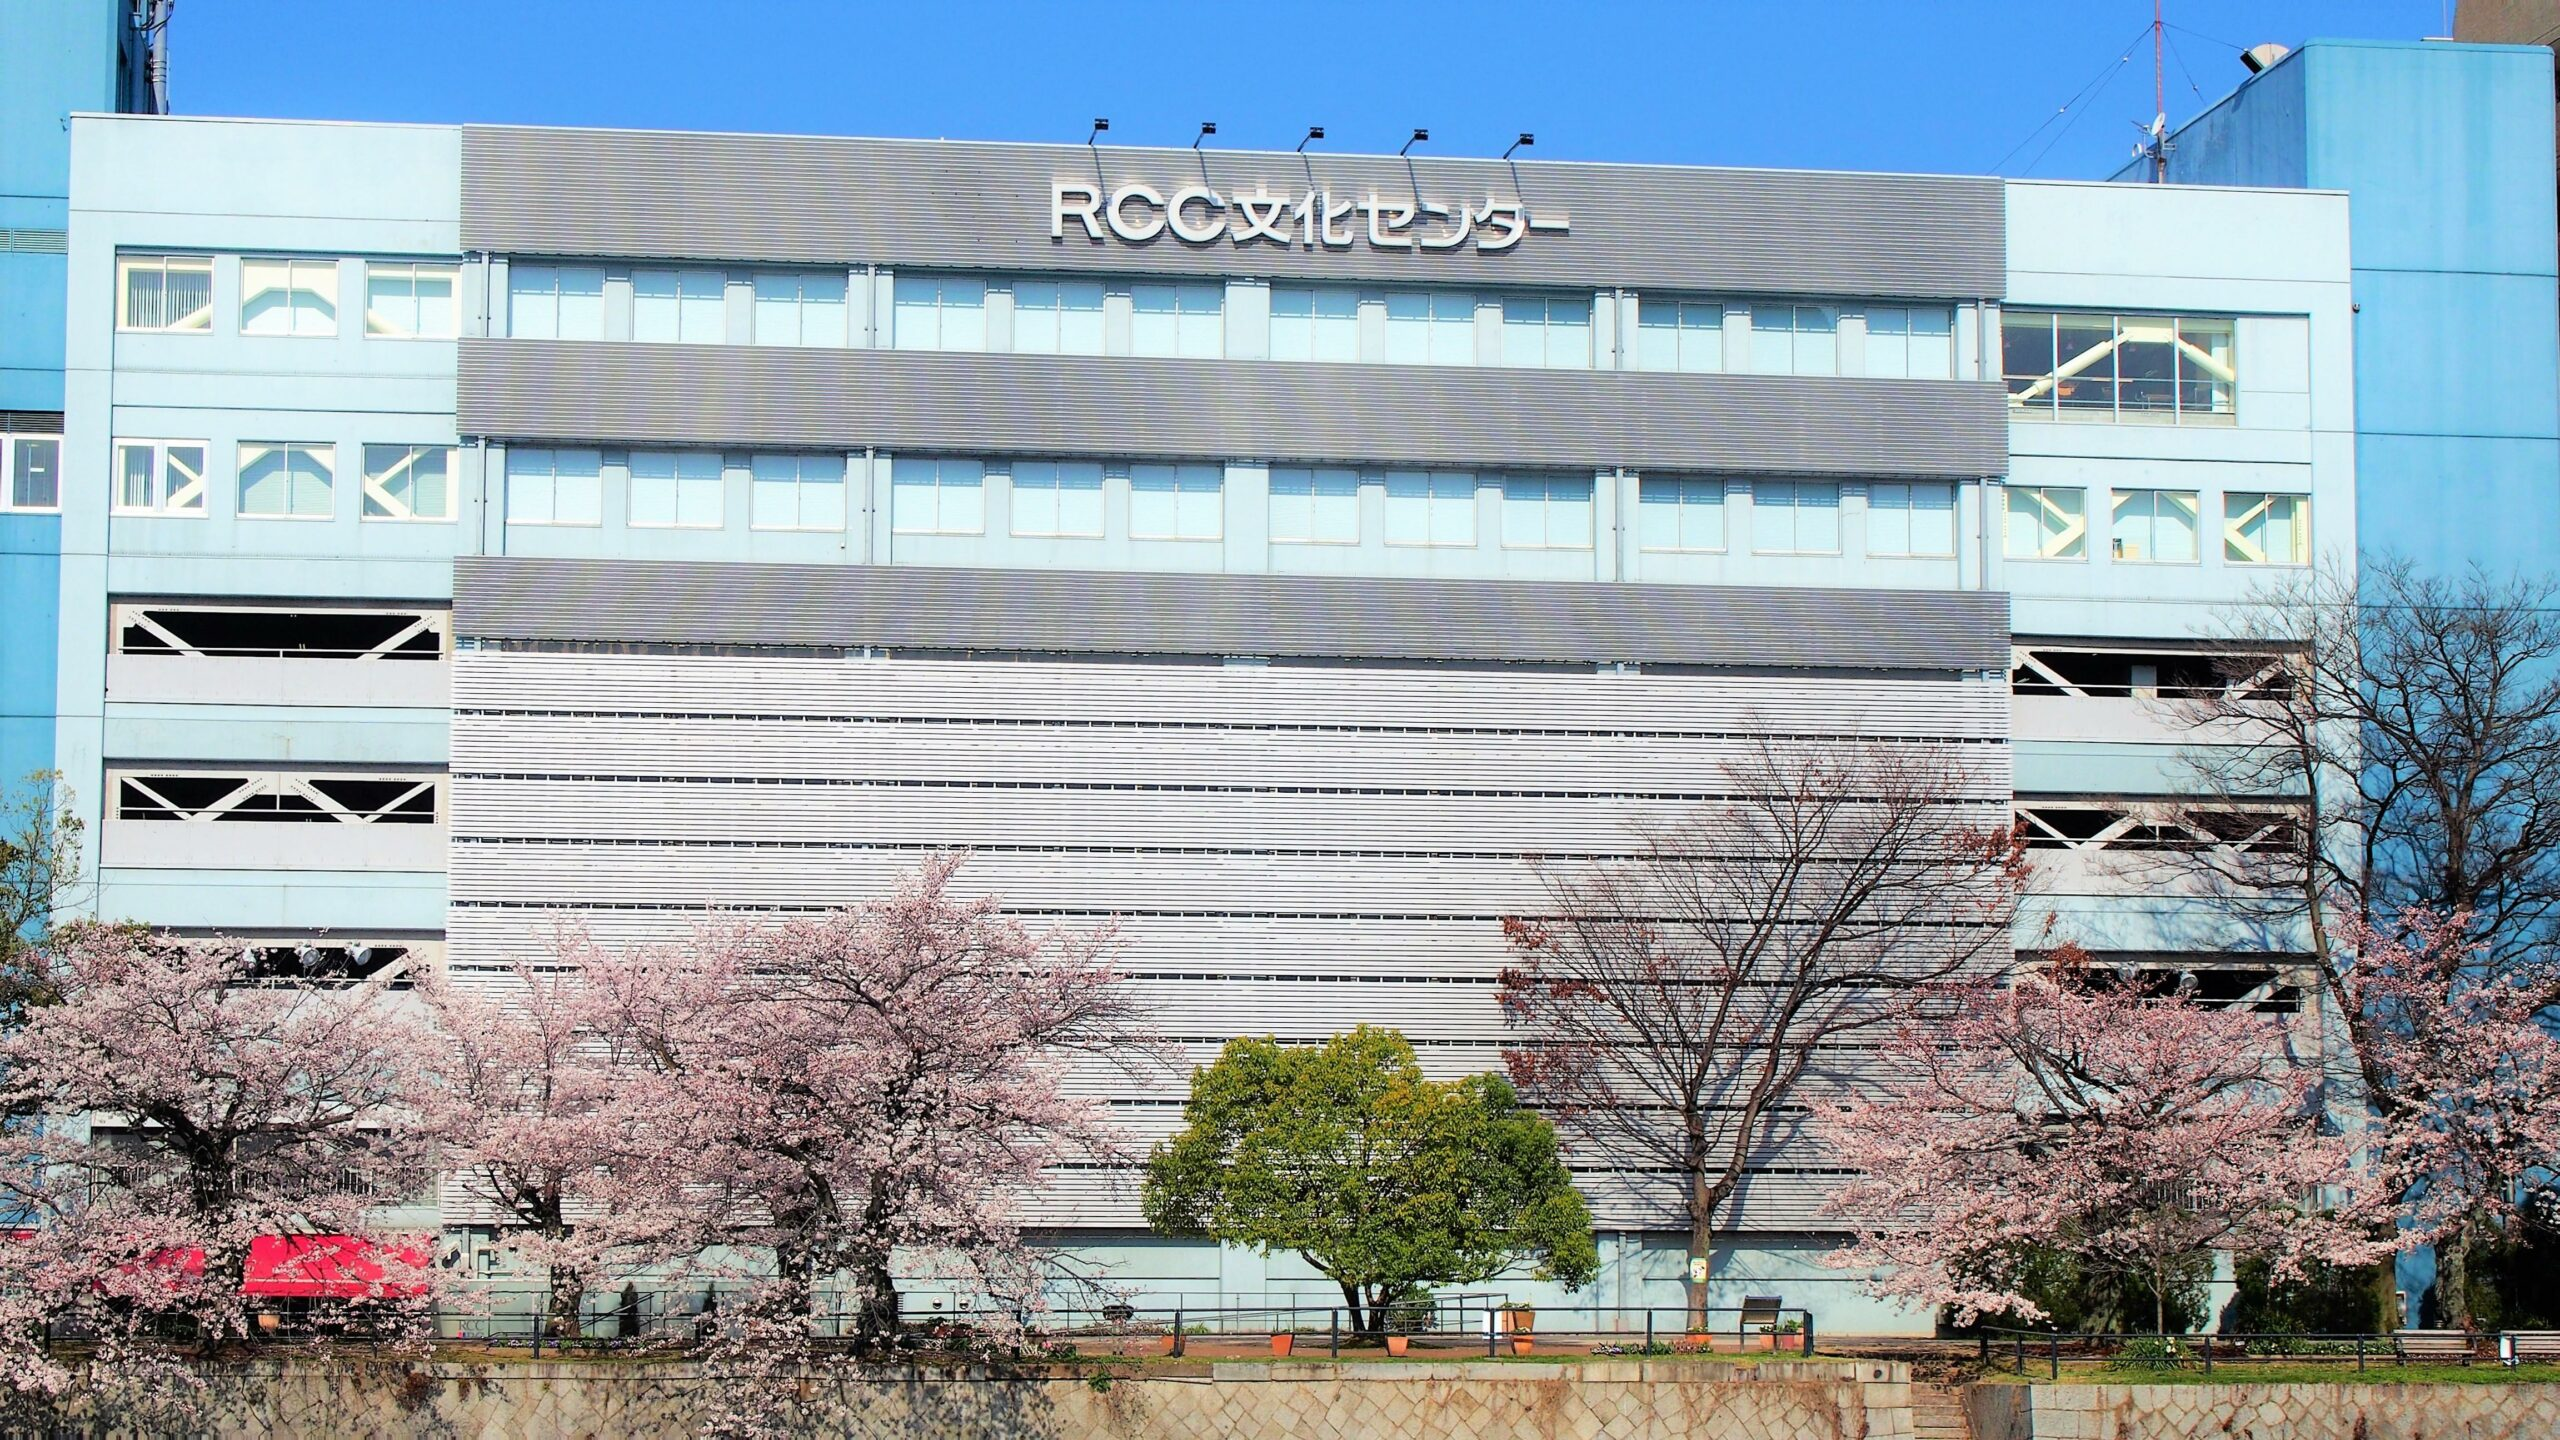 RCC文化センター